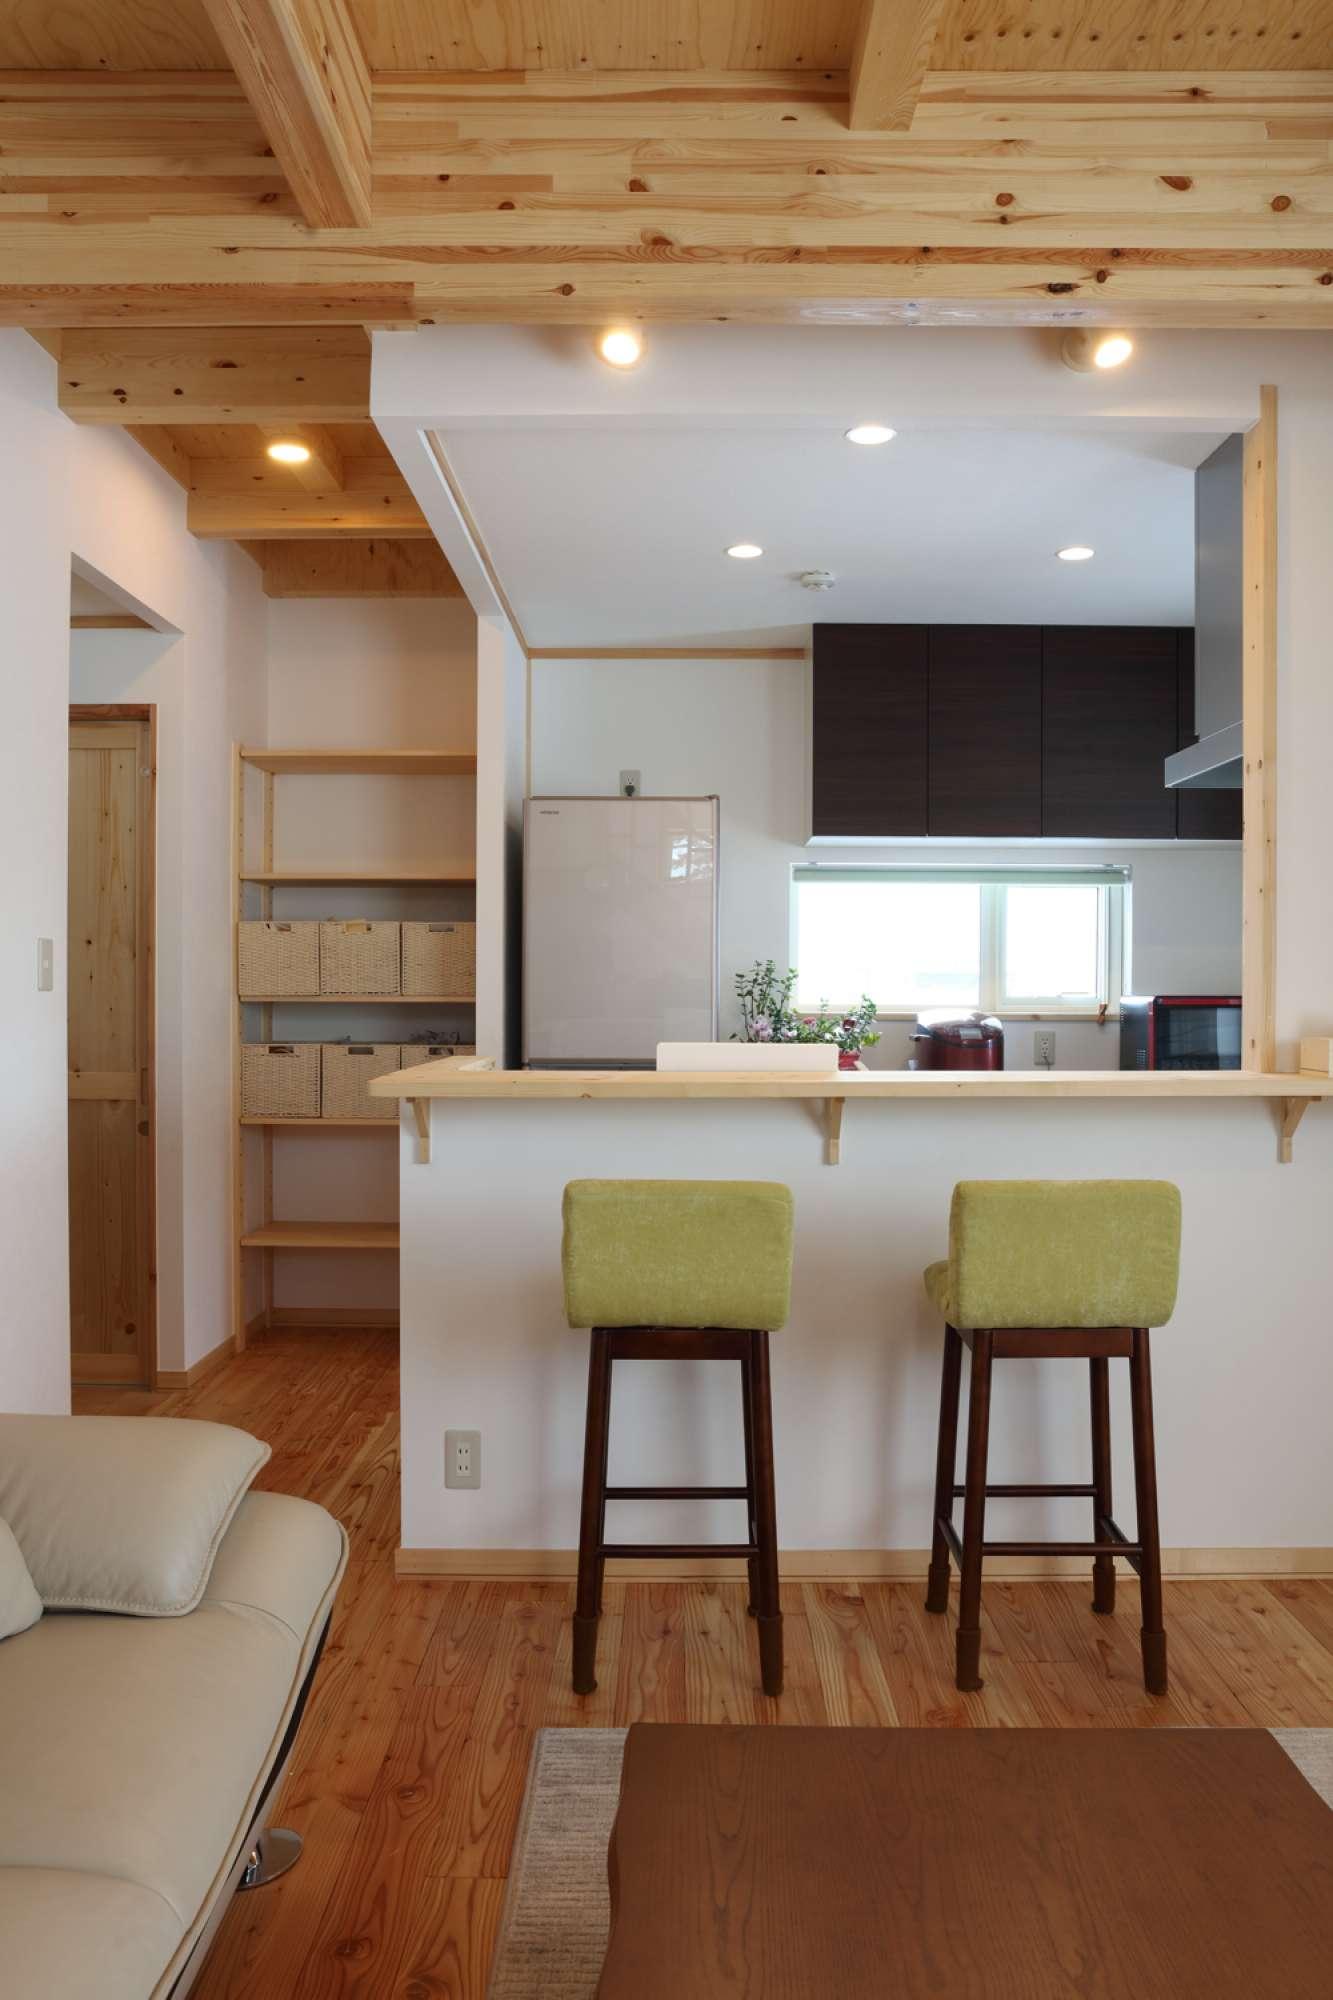 料理が楽しくなるカフェのようなキッチン。収納はオープンに -  -  -